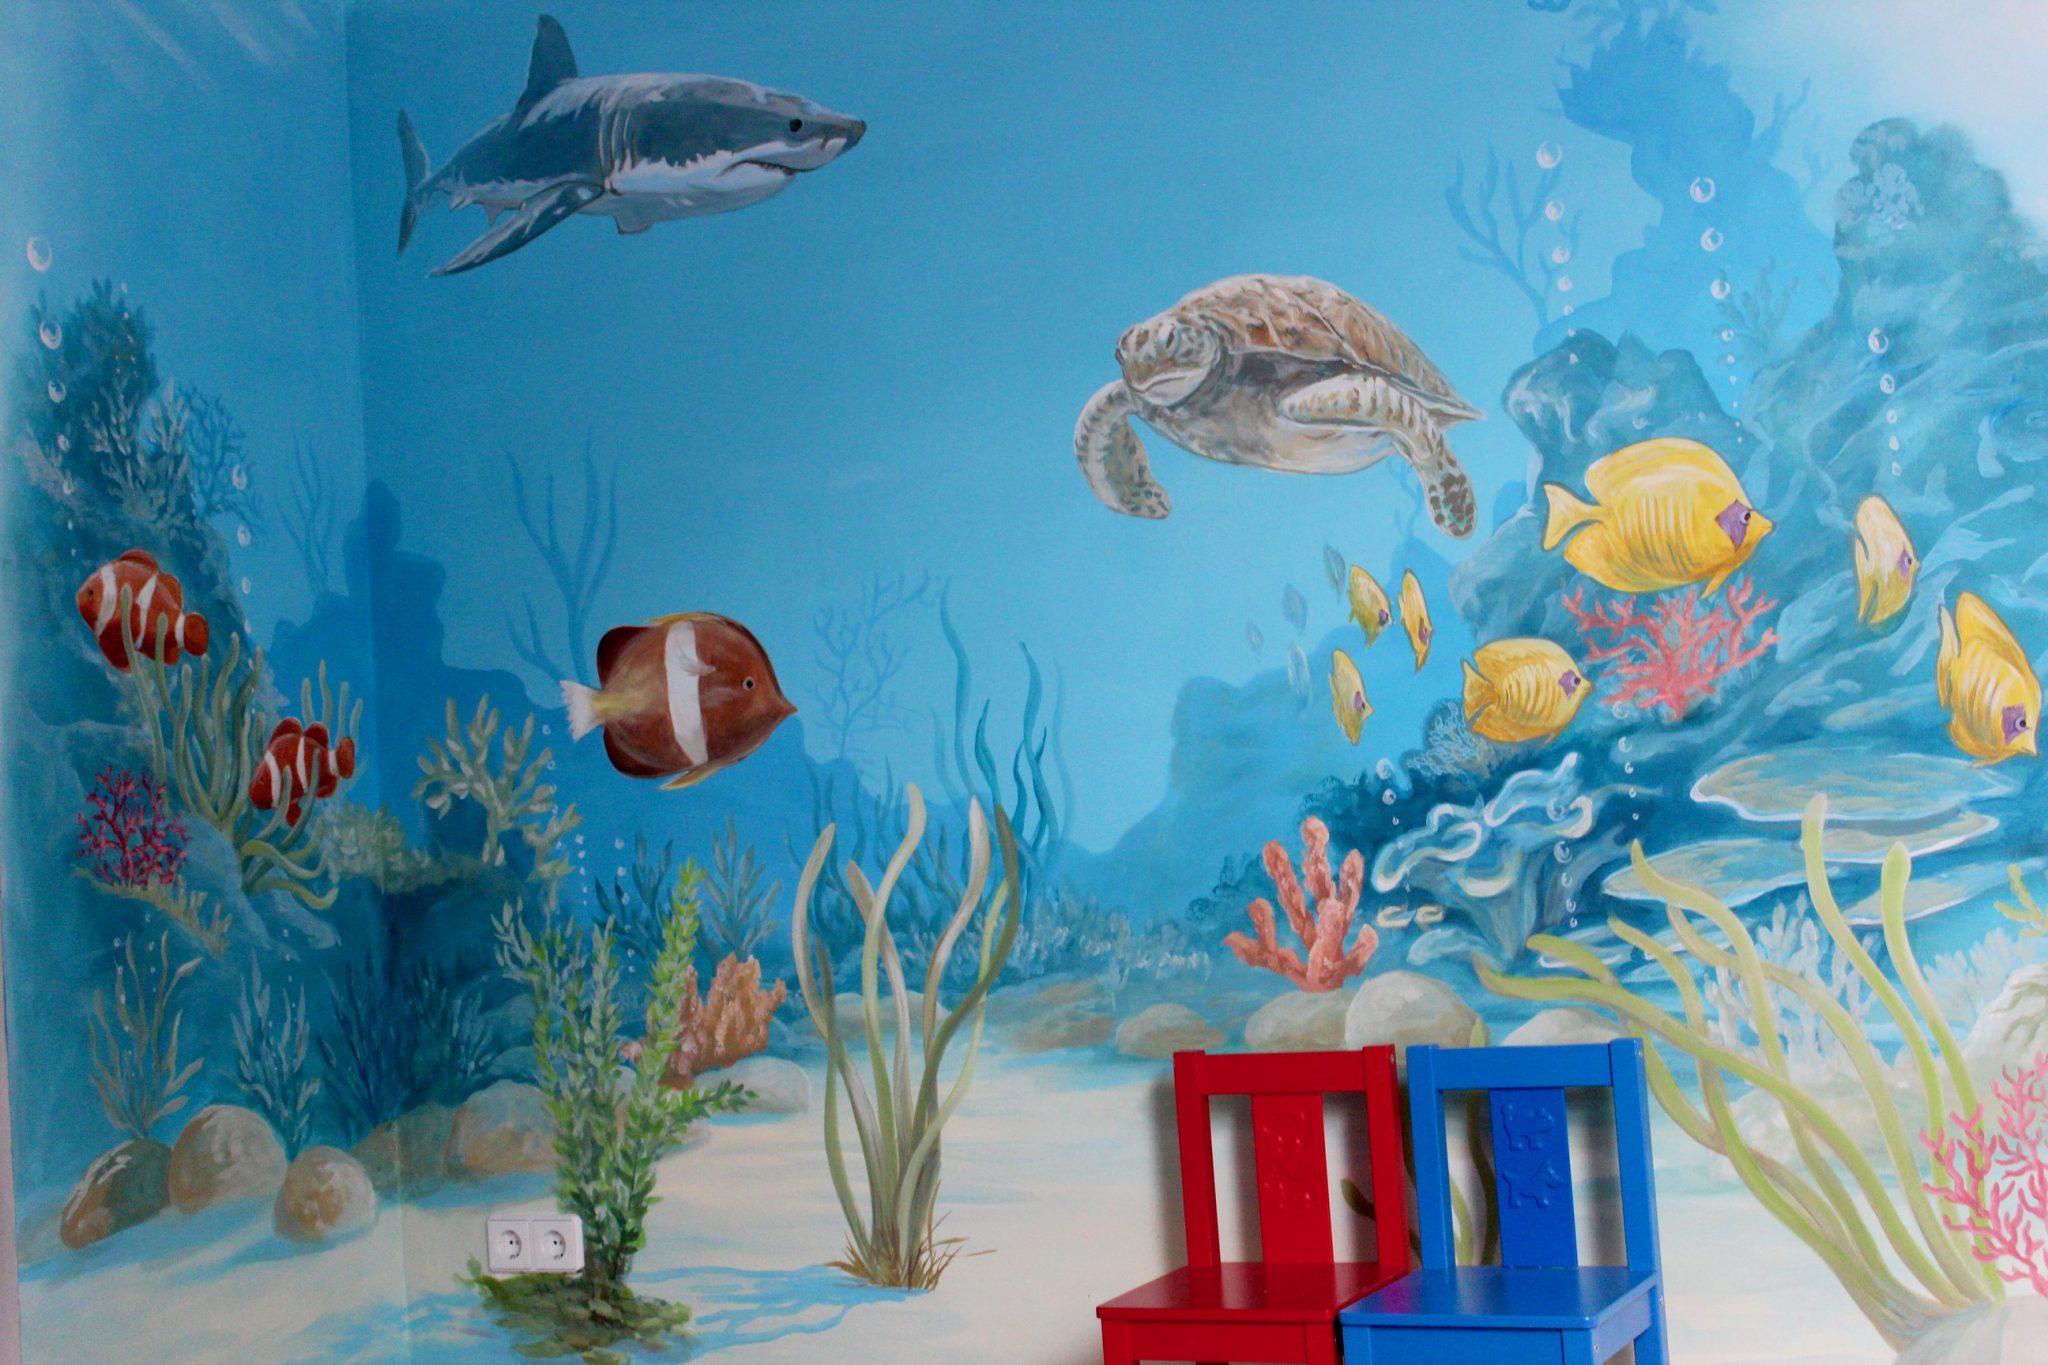 Kinderzimmer Unterwasserwelt Fische by Atelier-Witzmann